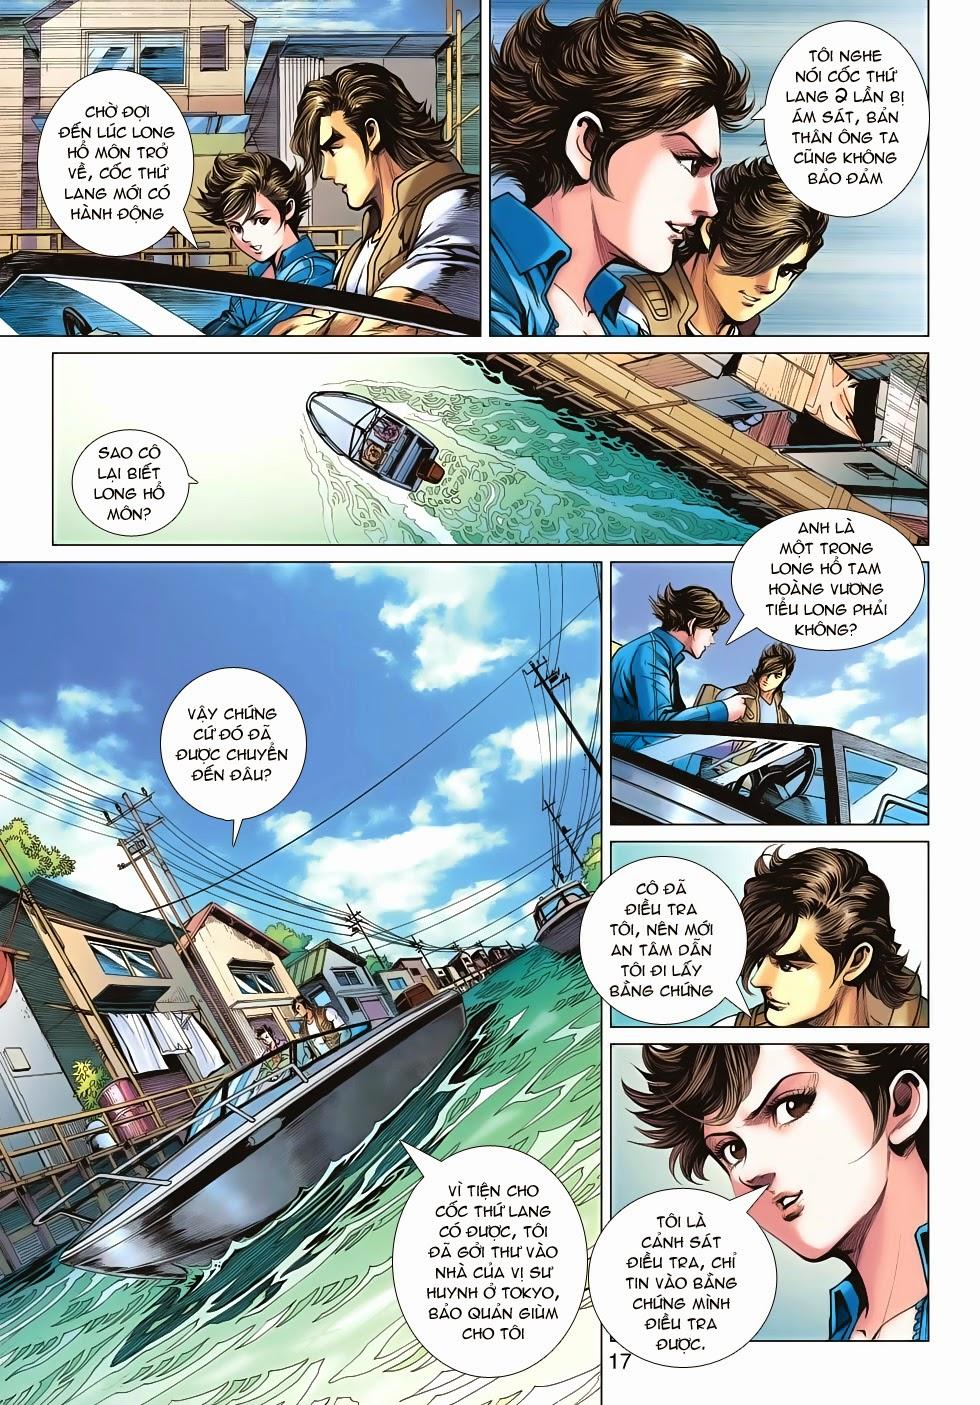 Tân Tác Long Hổ Môn chap 626 - Trang 17